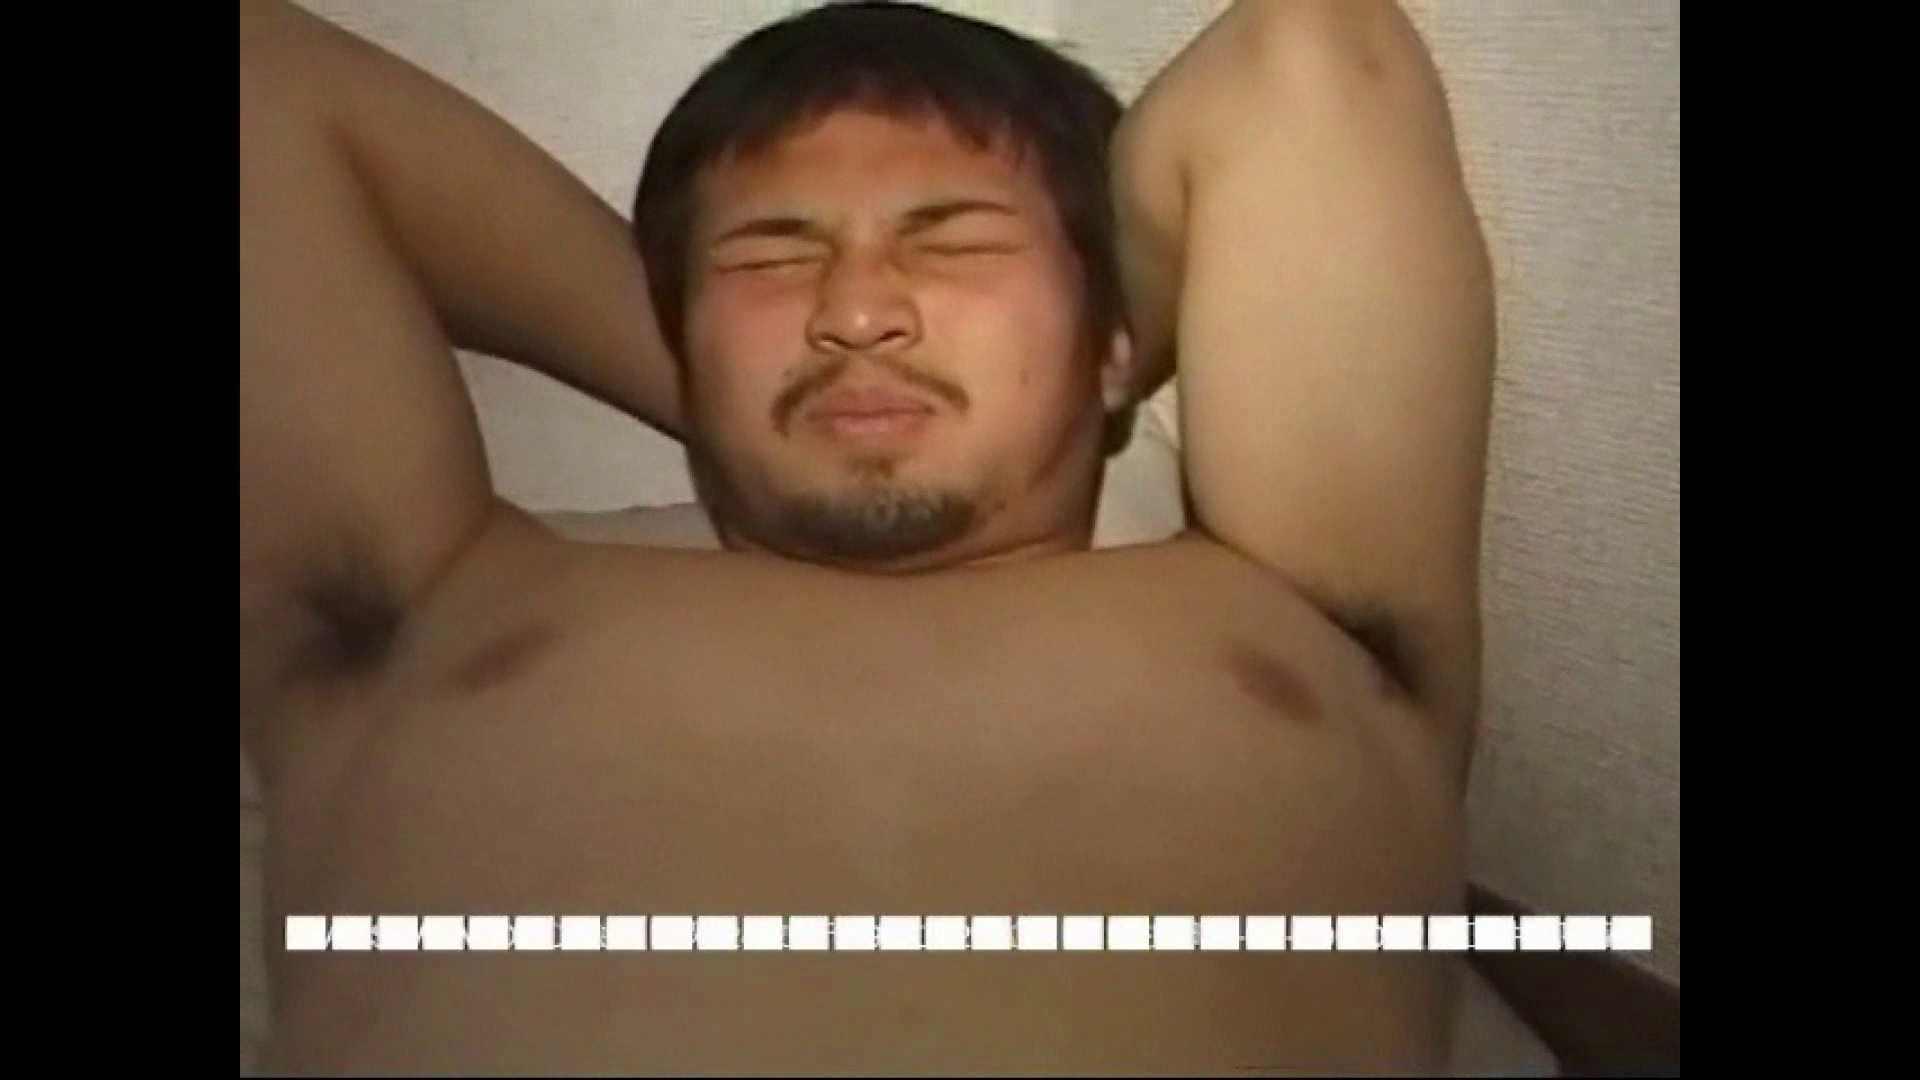 オナれ!集まれ!イケてるメンズ達!!File.45 ガチムチマッチョ系男子 ゲイエロビデオ画像 79枚 79